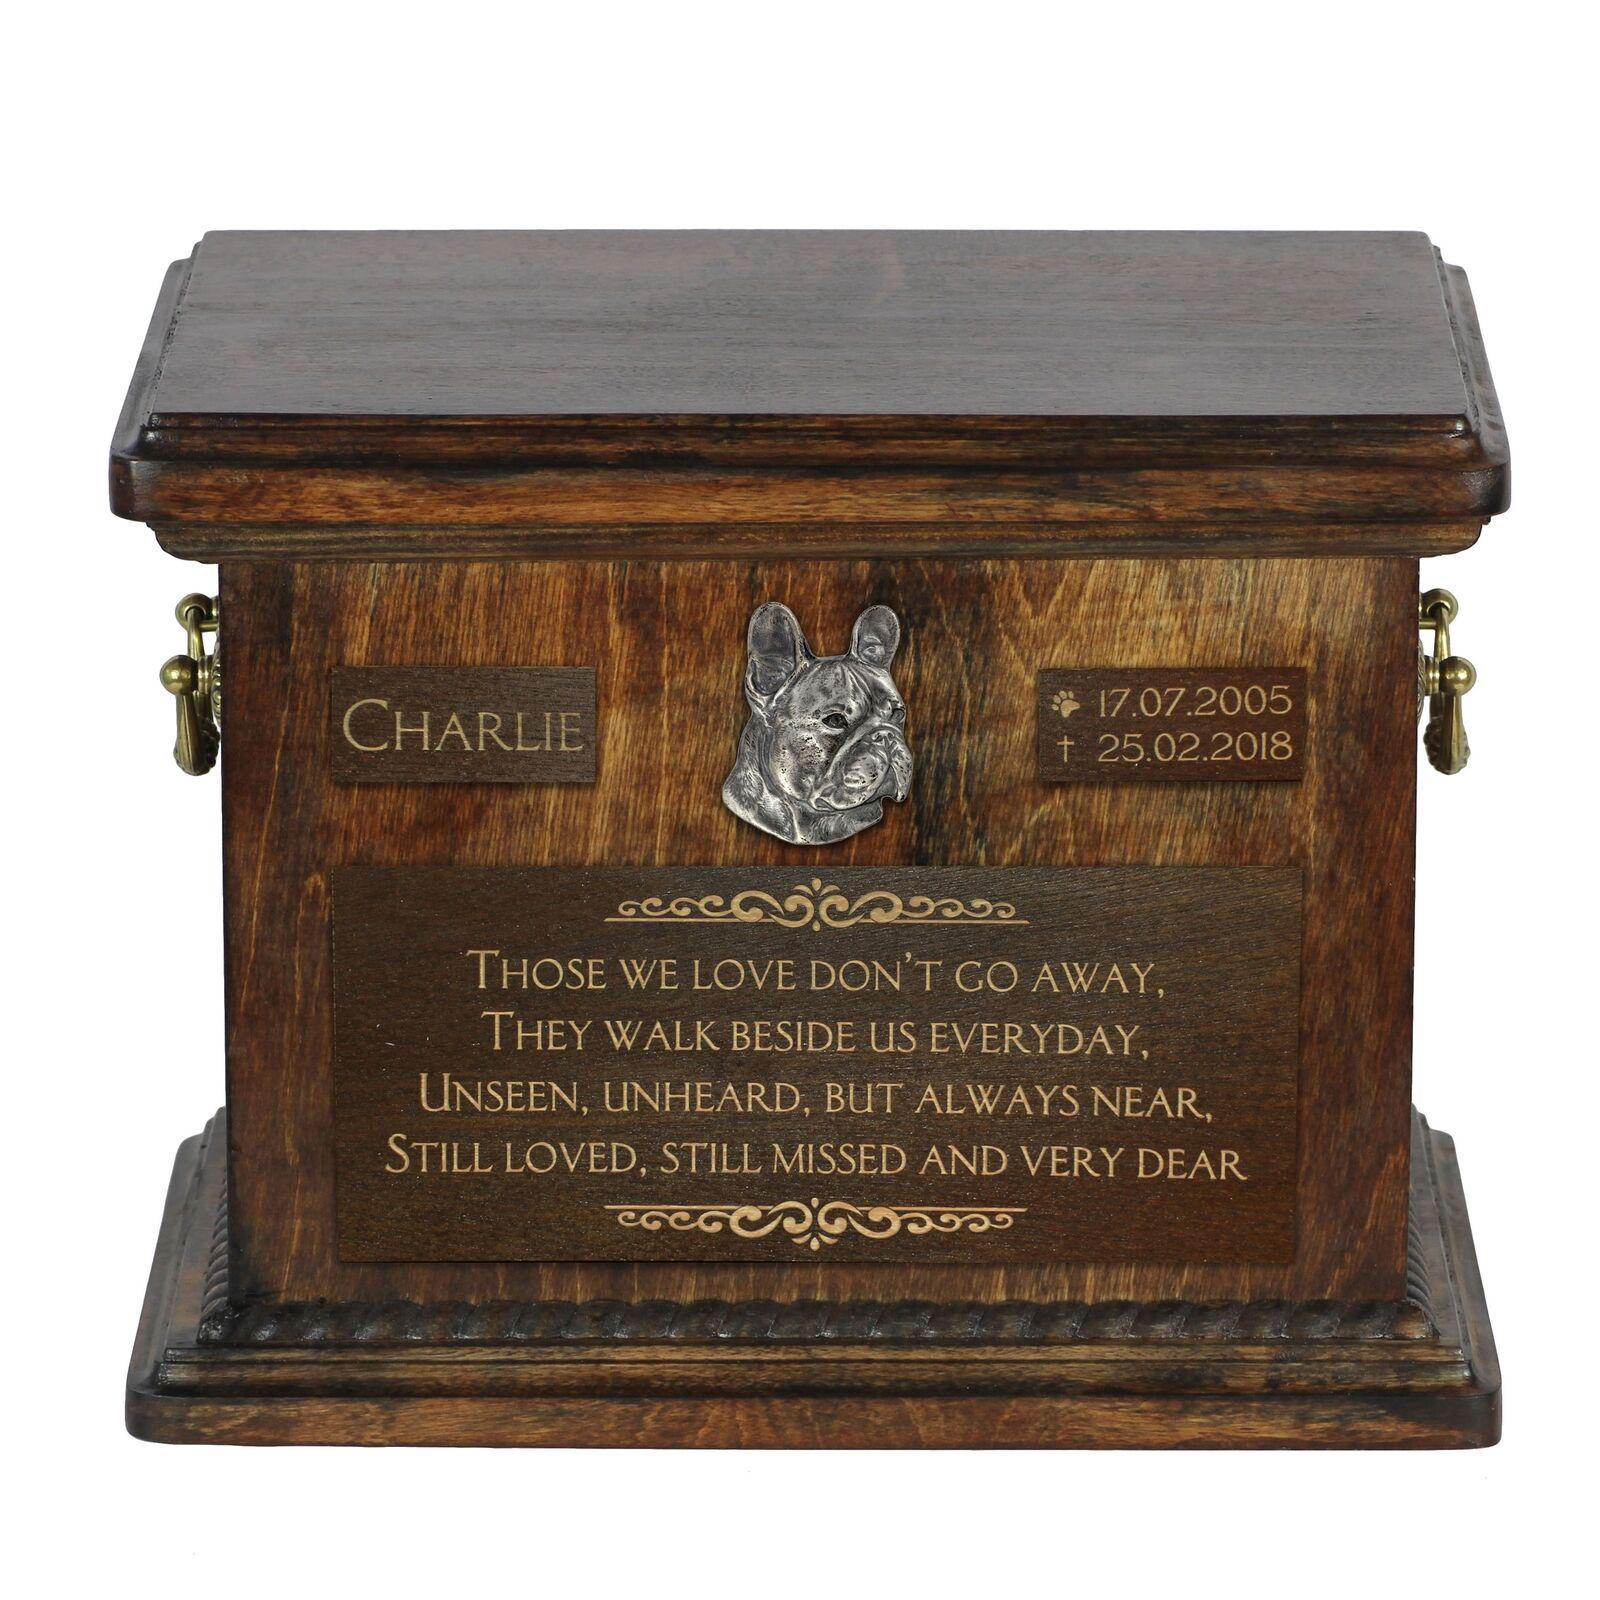 Bouledogue français - Urna per cenere di cane,con nome e data del cane ArtDog IT